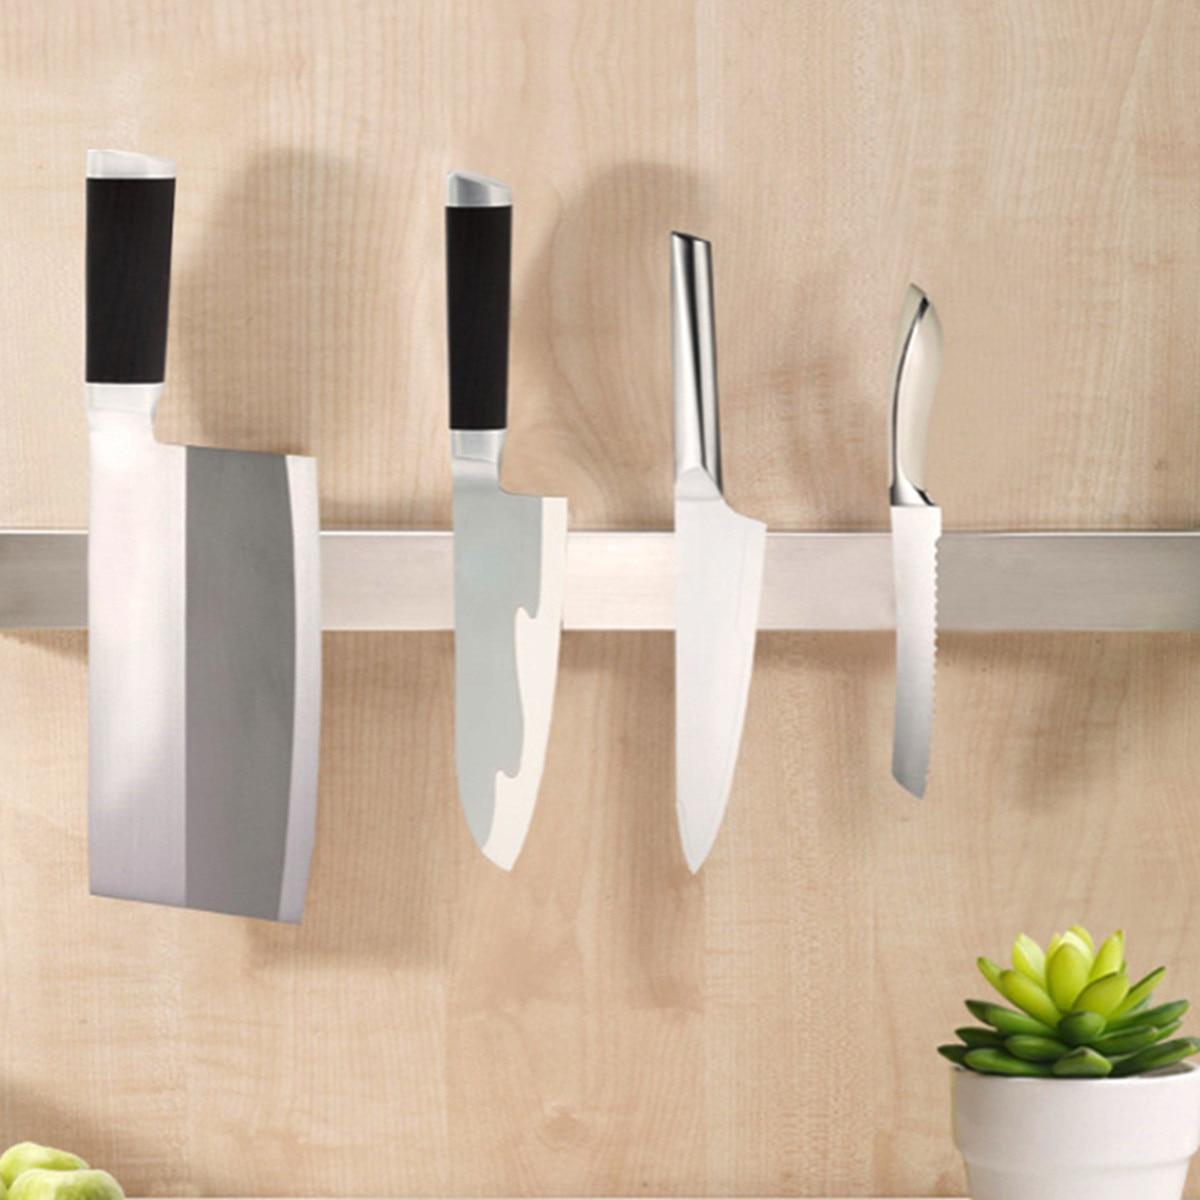 Кухонный нож из нержавеющей стали, отделочный держатель для хранения, стойка, Полоска, мощный магнитный для ножей, держатель, инструменты, с